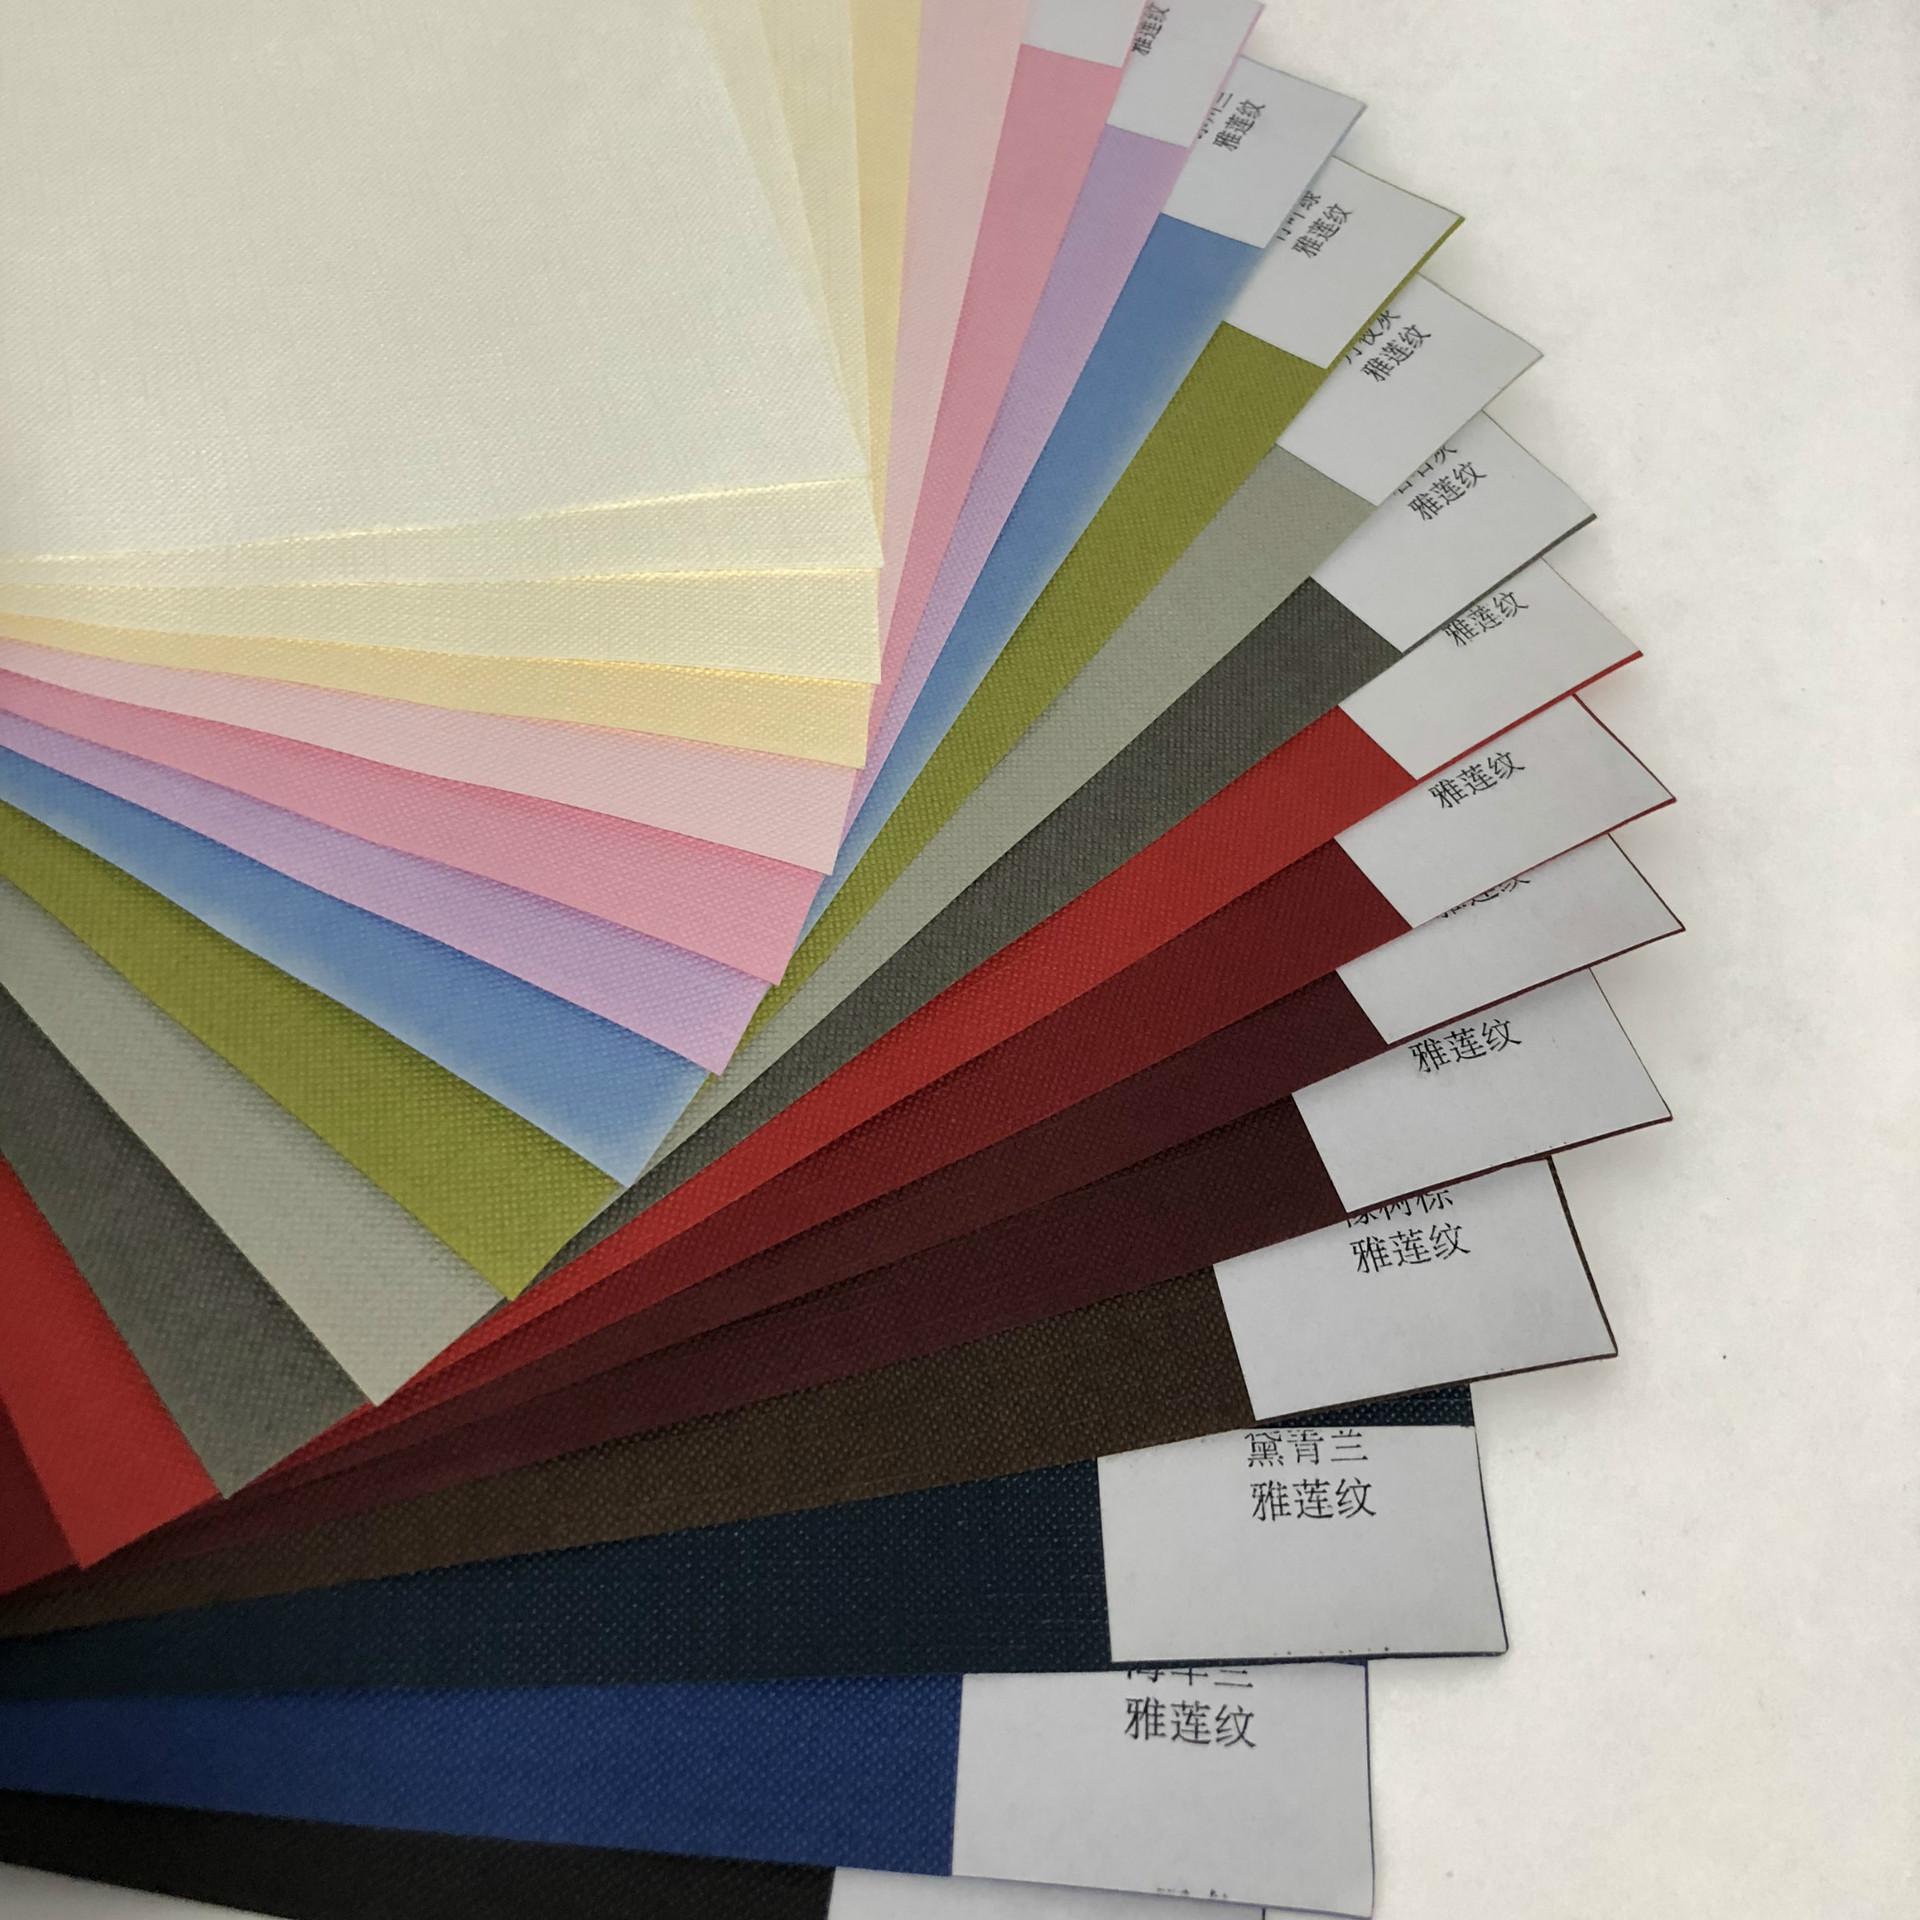 厂家直销 特种纸 艺术纸 浸染纸高档包装纸120g雅莲纹 零售批发